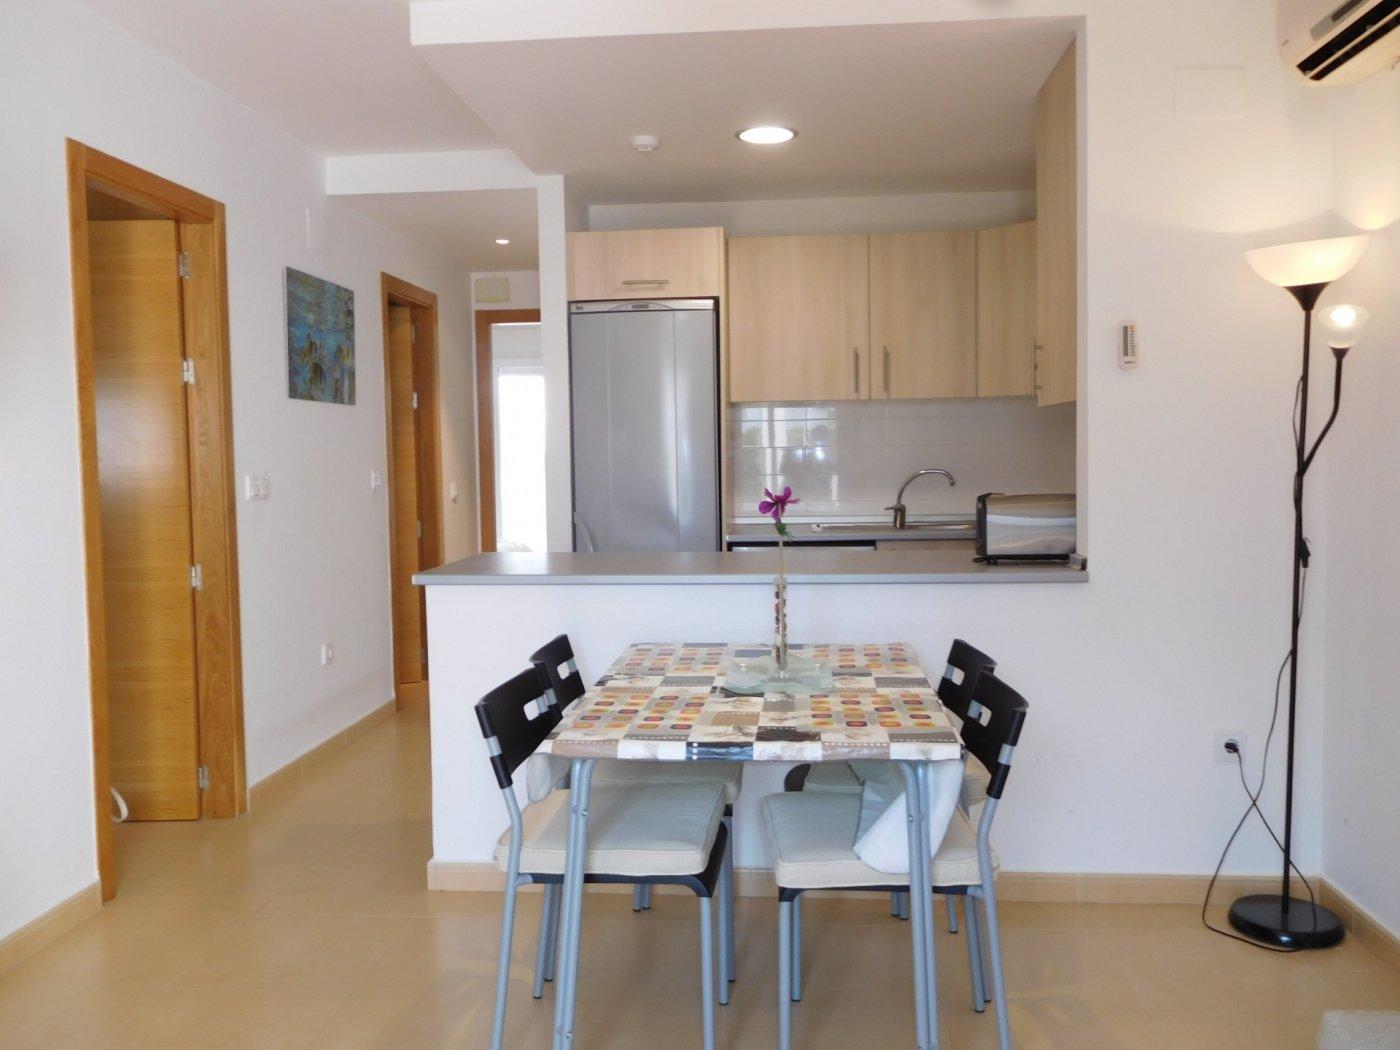 Image 1 Apartment ref 2944 for rent in Condado De Alhama Spain - Quality Homes Costa Cálida